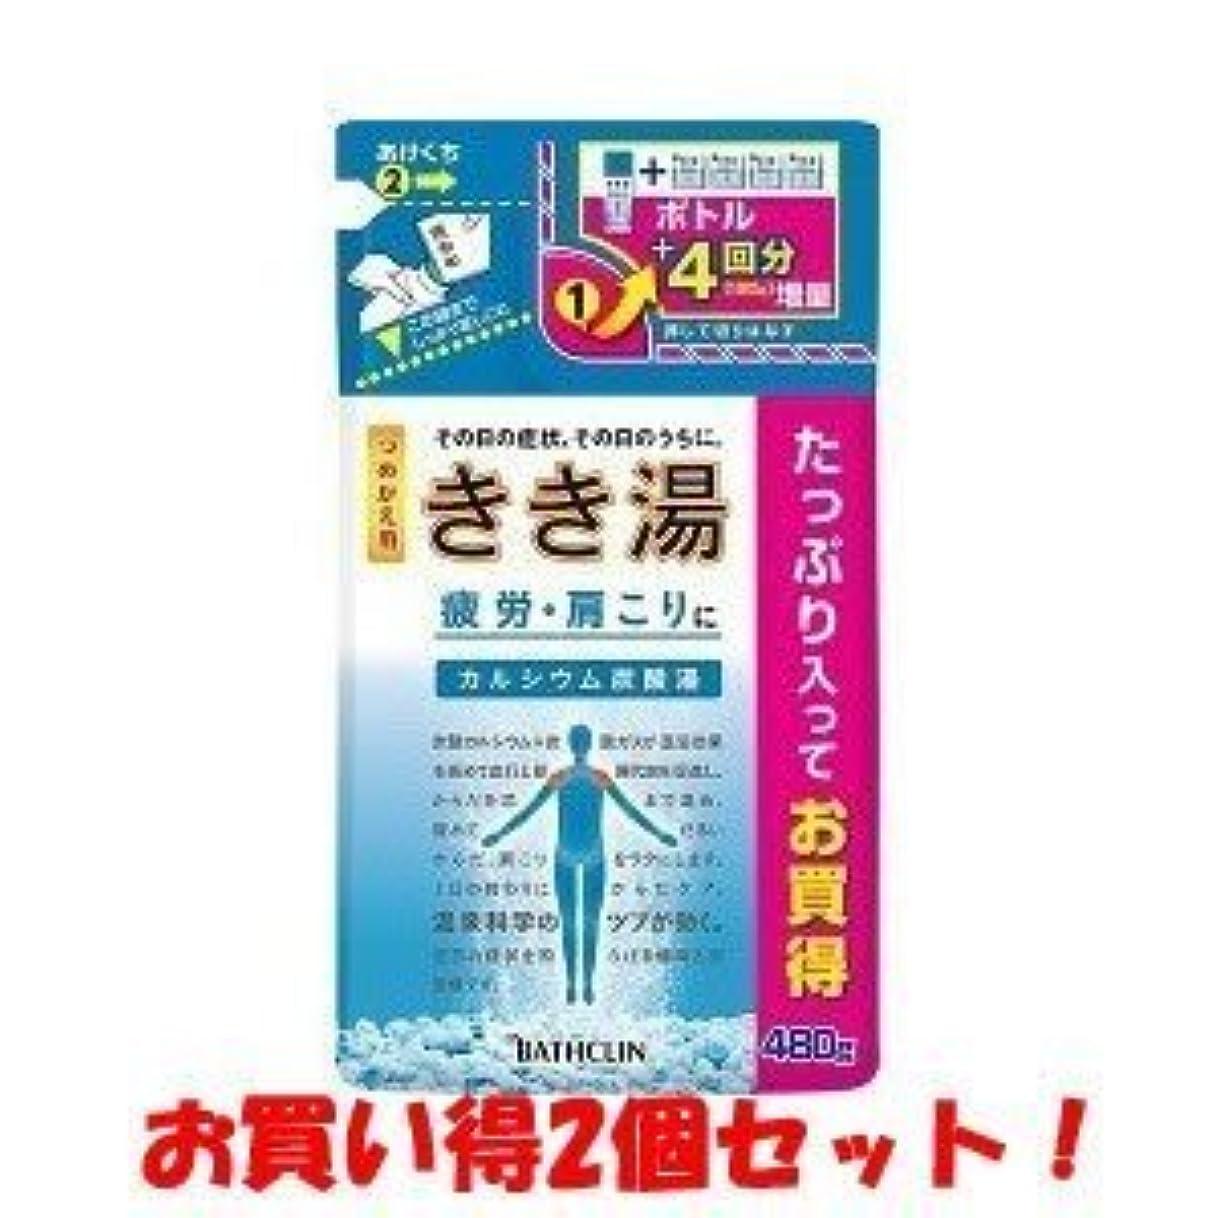 批評含意現在(バスクリン)きき湯 カルシウム炭酸湯 つめかえ用 480g(医薬部外品)(お買い得2個セット)